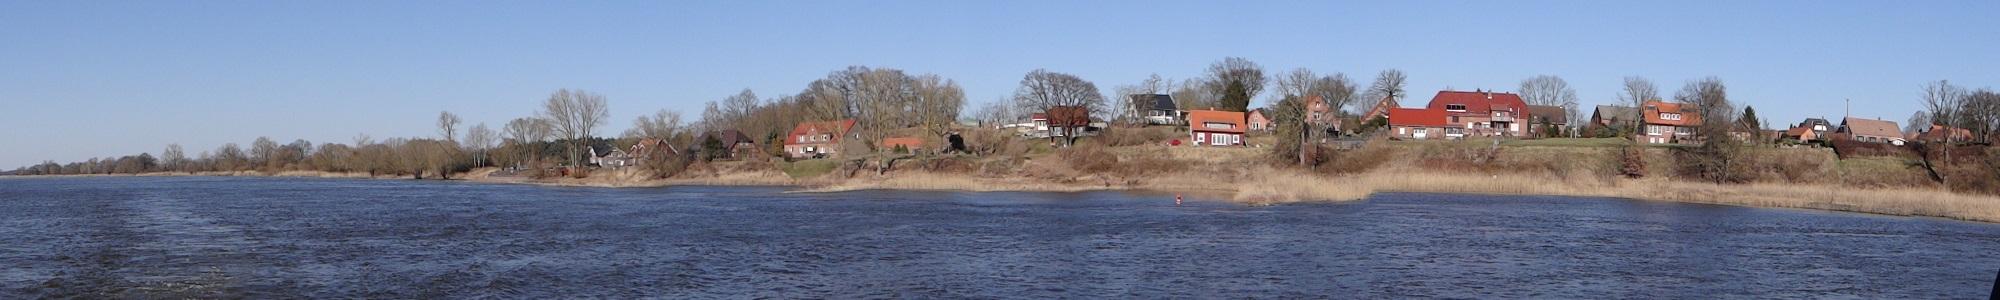 Rüterberg von der Elbe aus gesehen